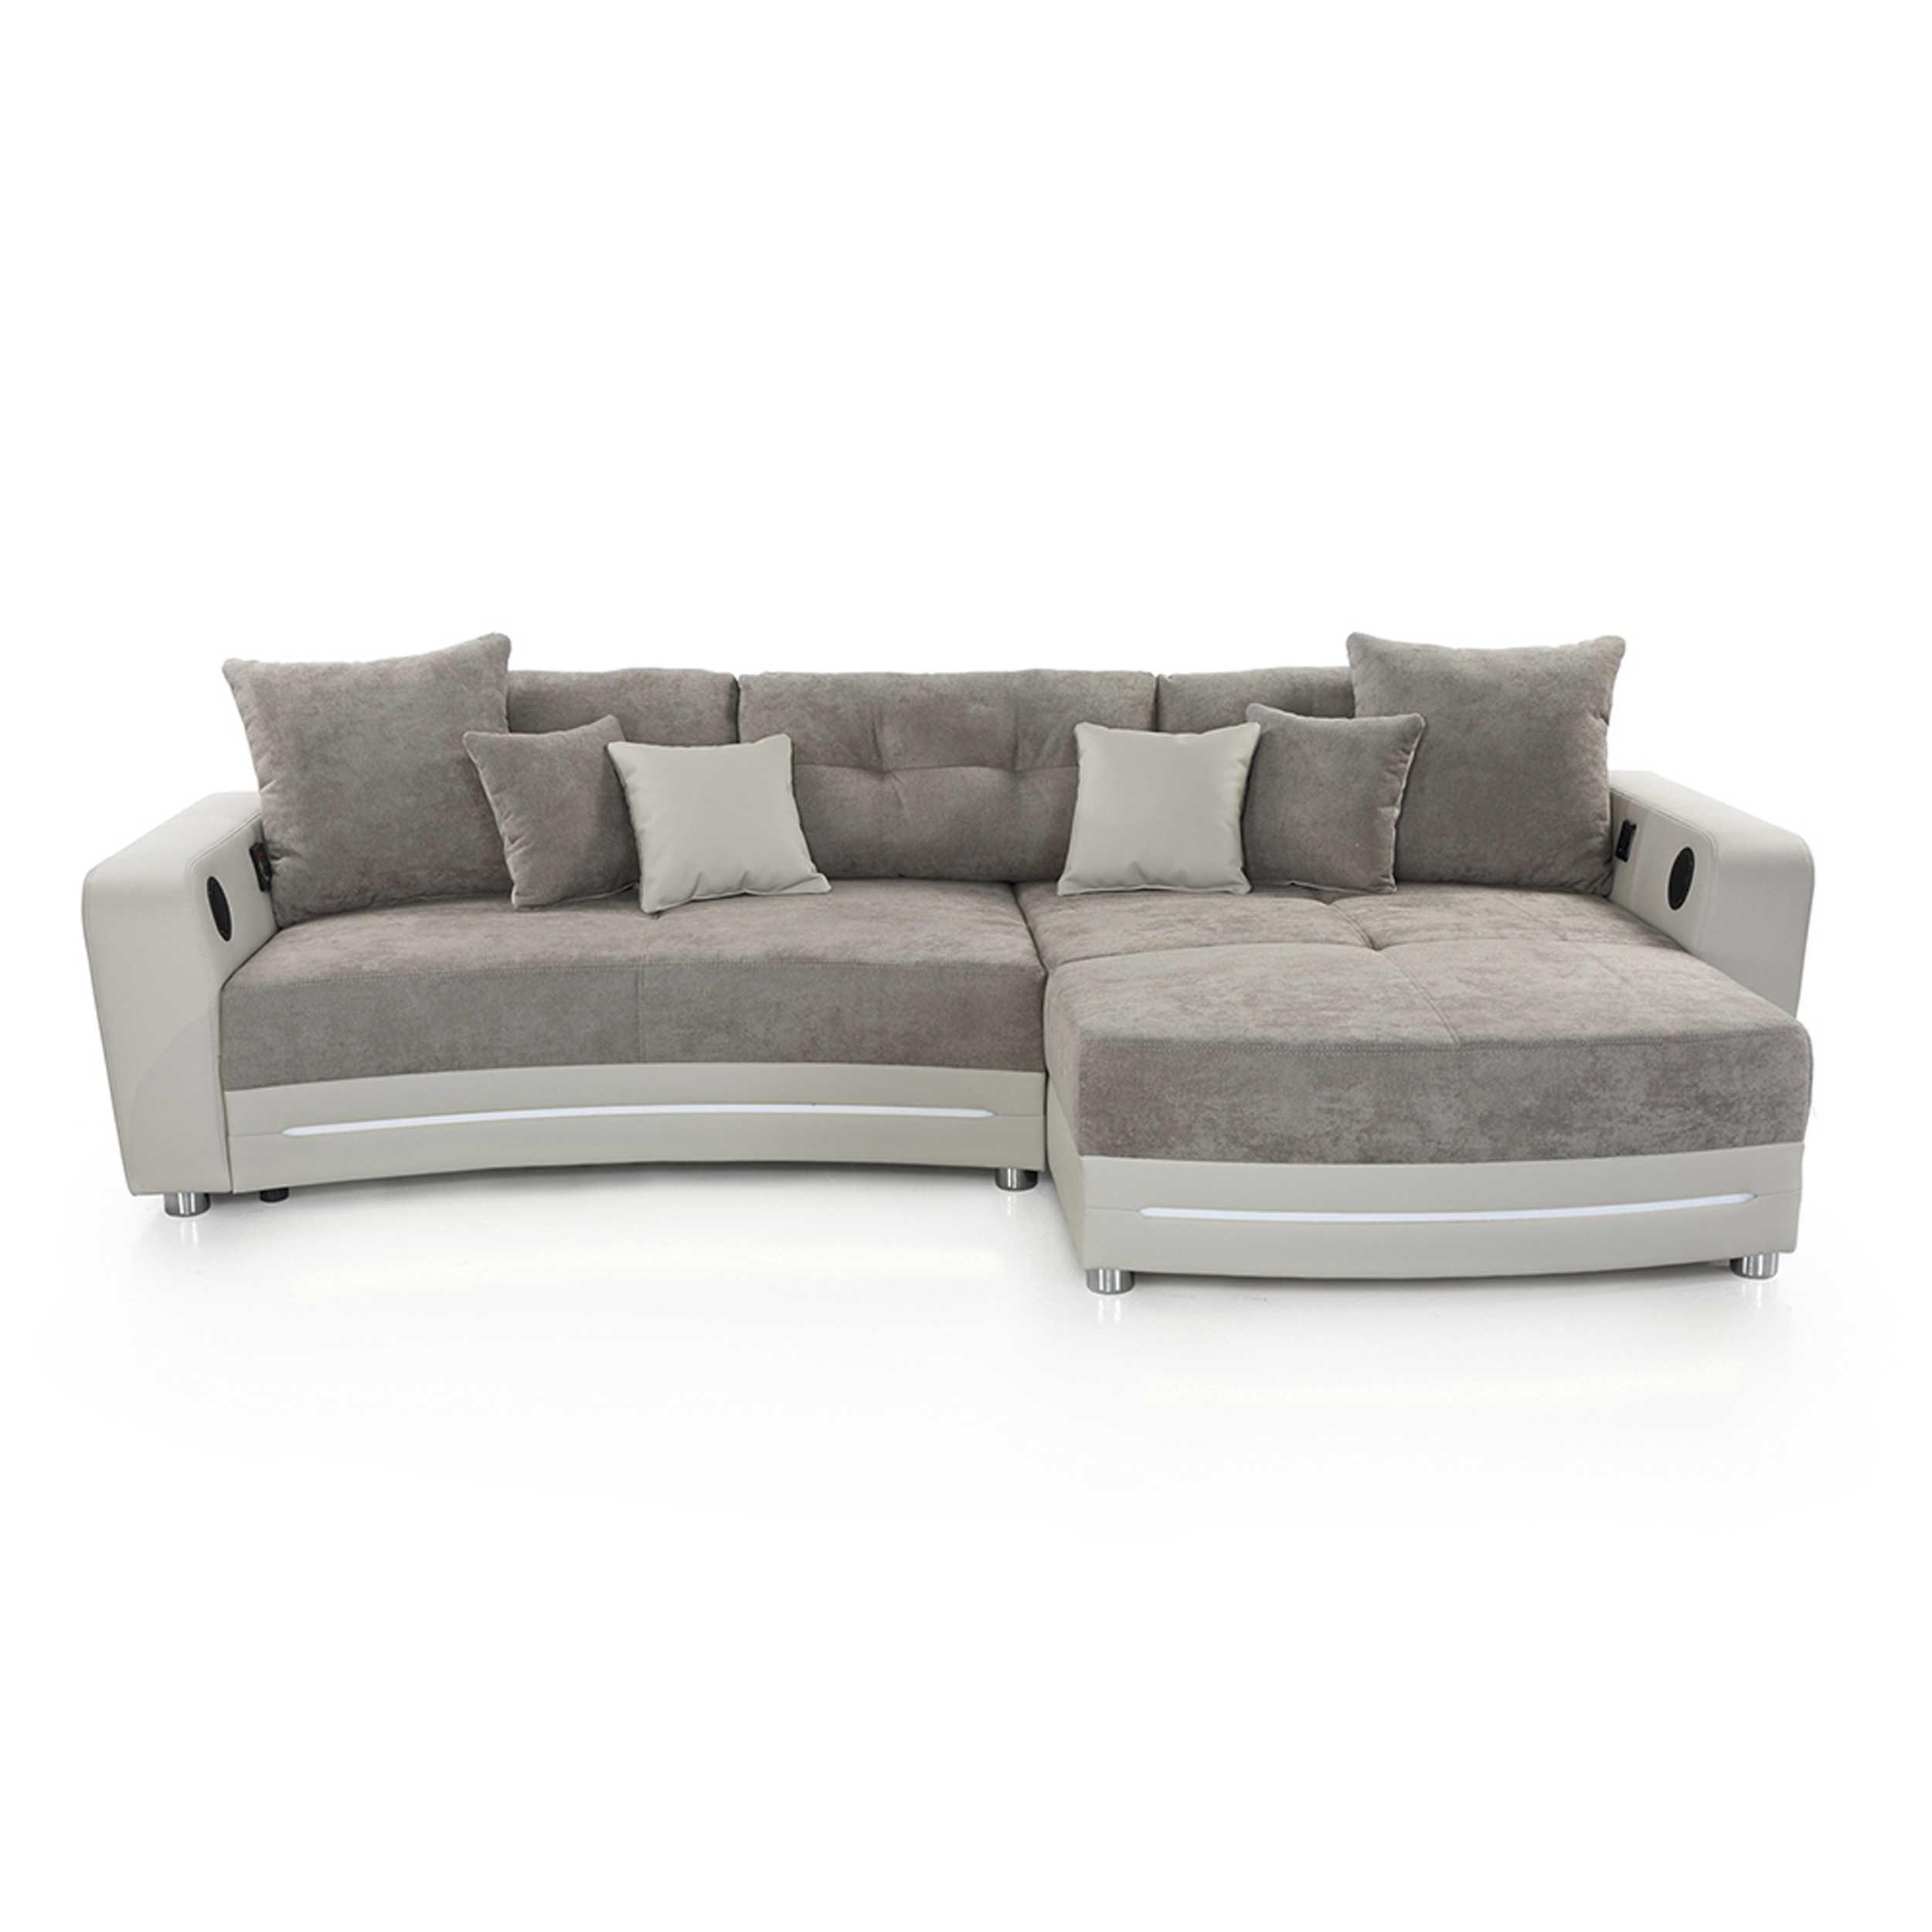 ecksofa prali a beige stoff online kaufen bei woonio. Black Bedroom Furniture Sets. Home Design Ideas